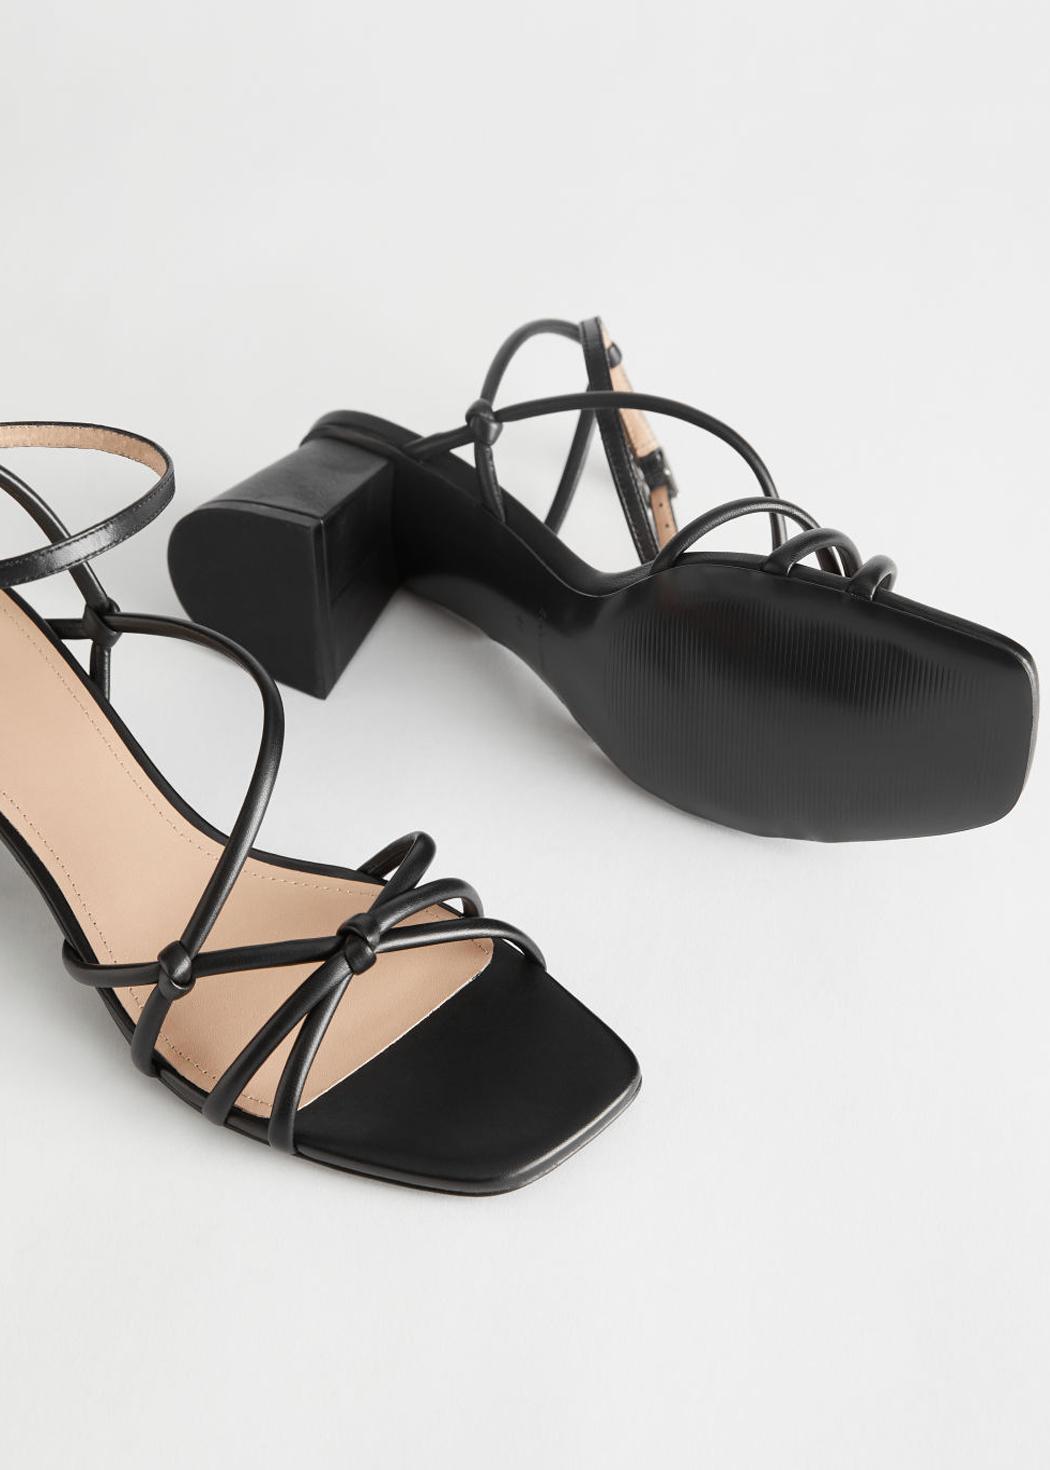 &otherstories sandals